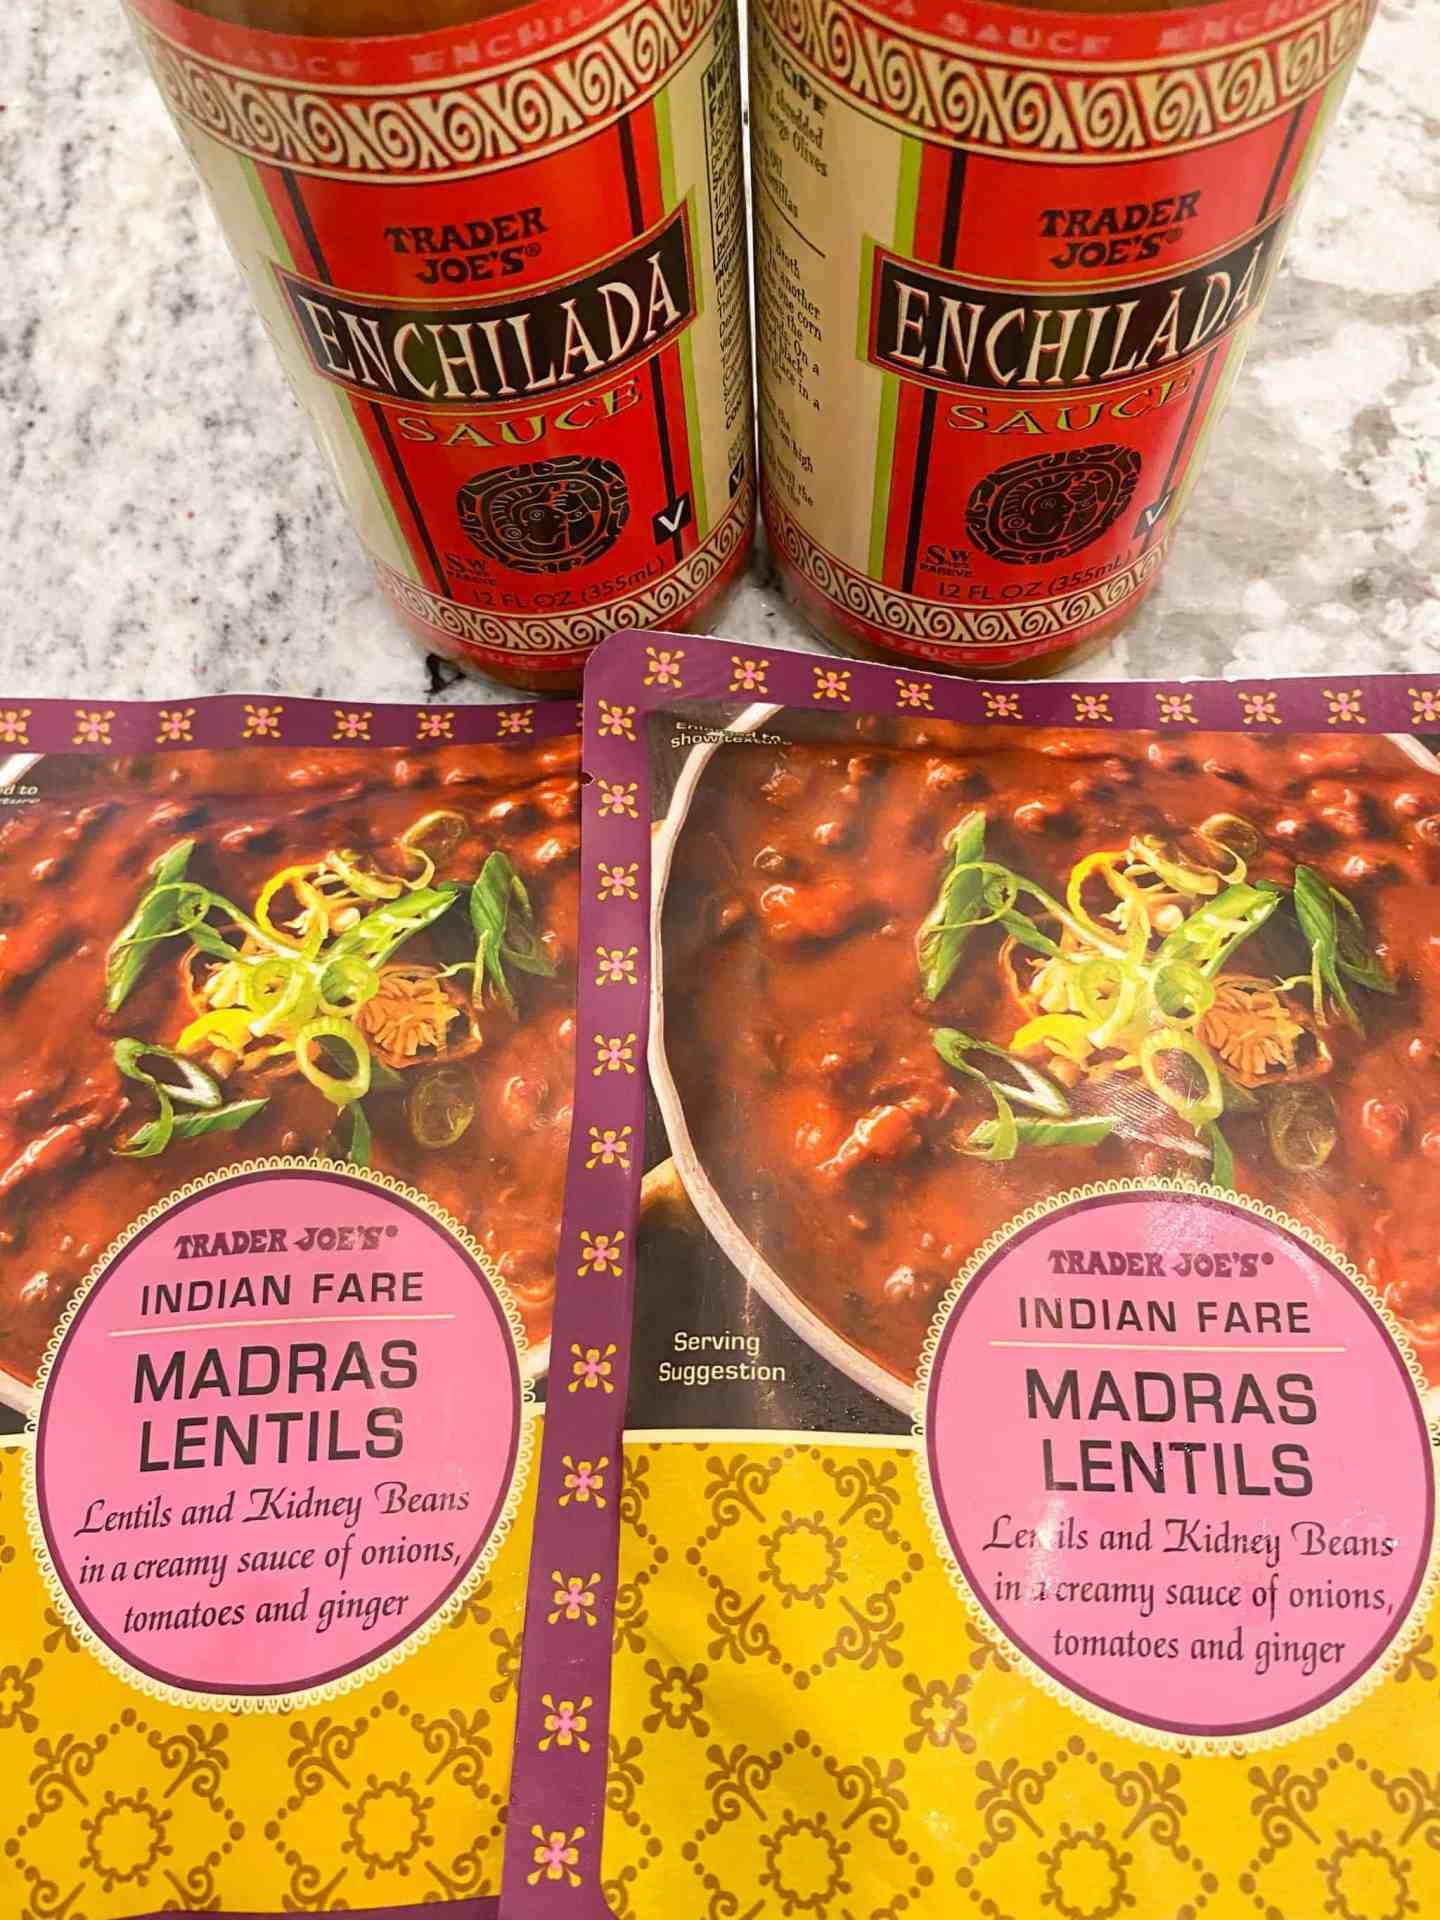 trader-joes-enchilada-sauce-madras-lentils